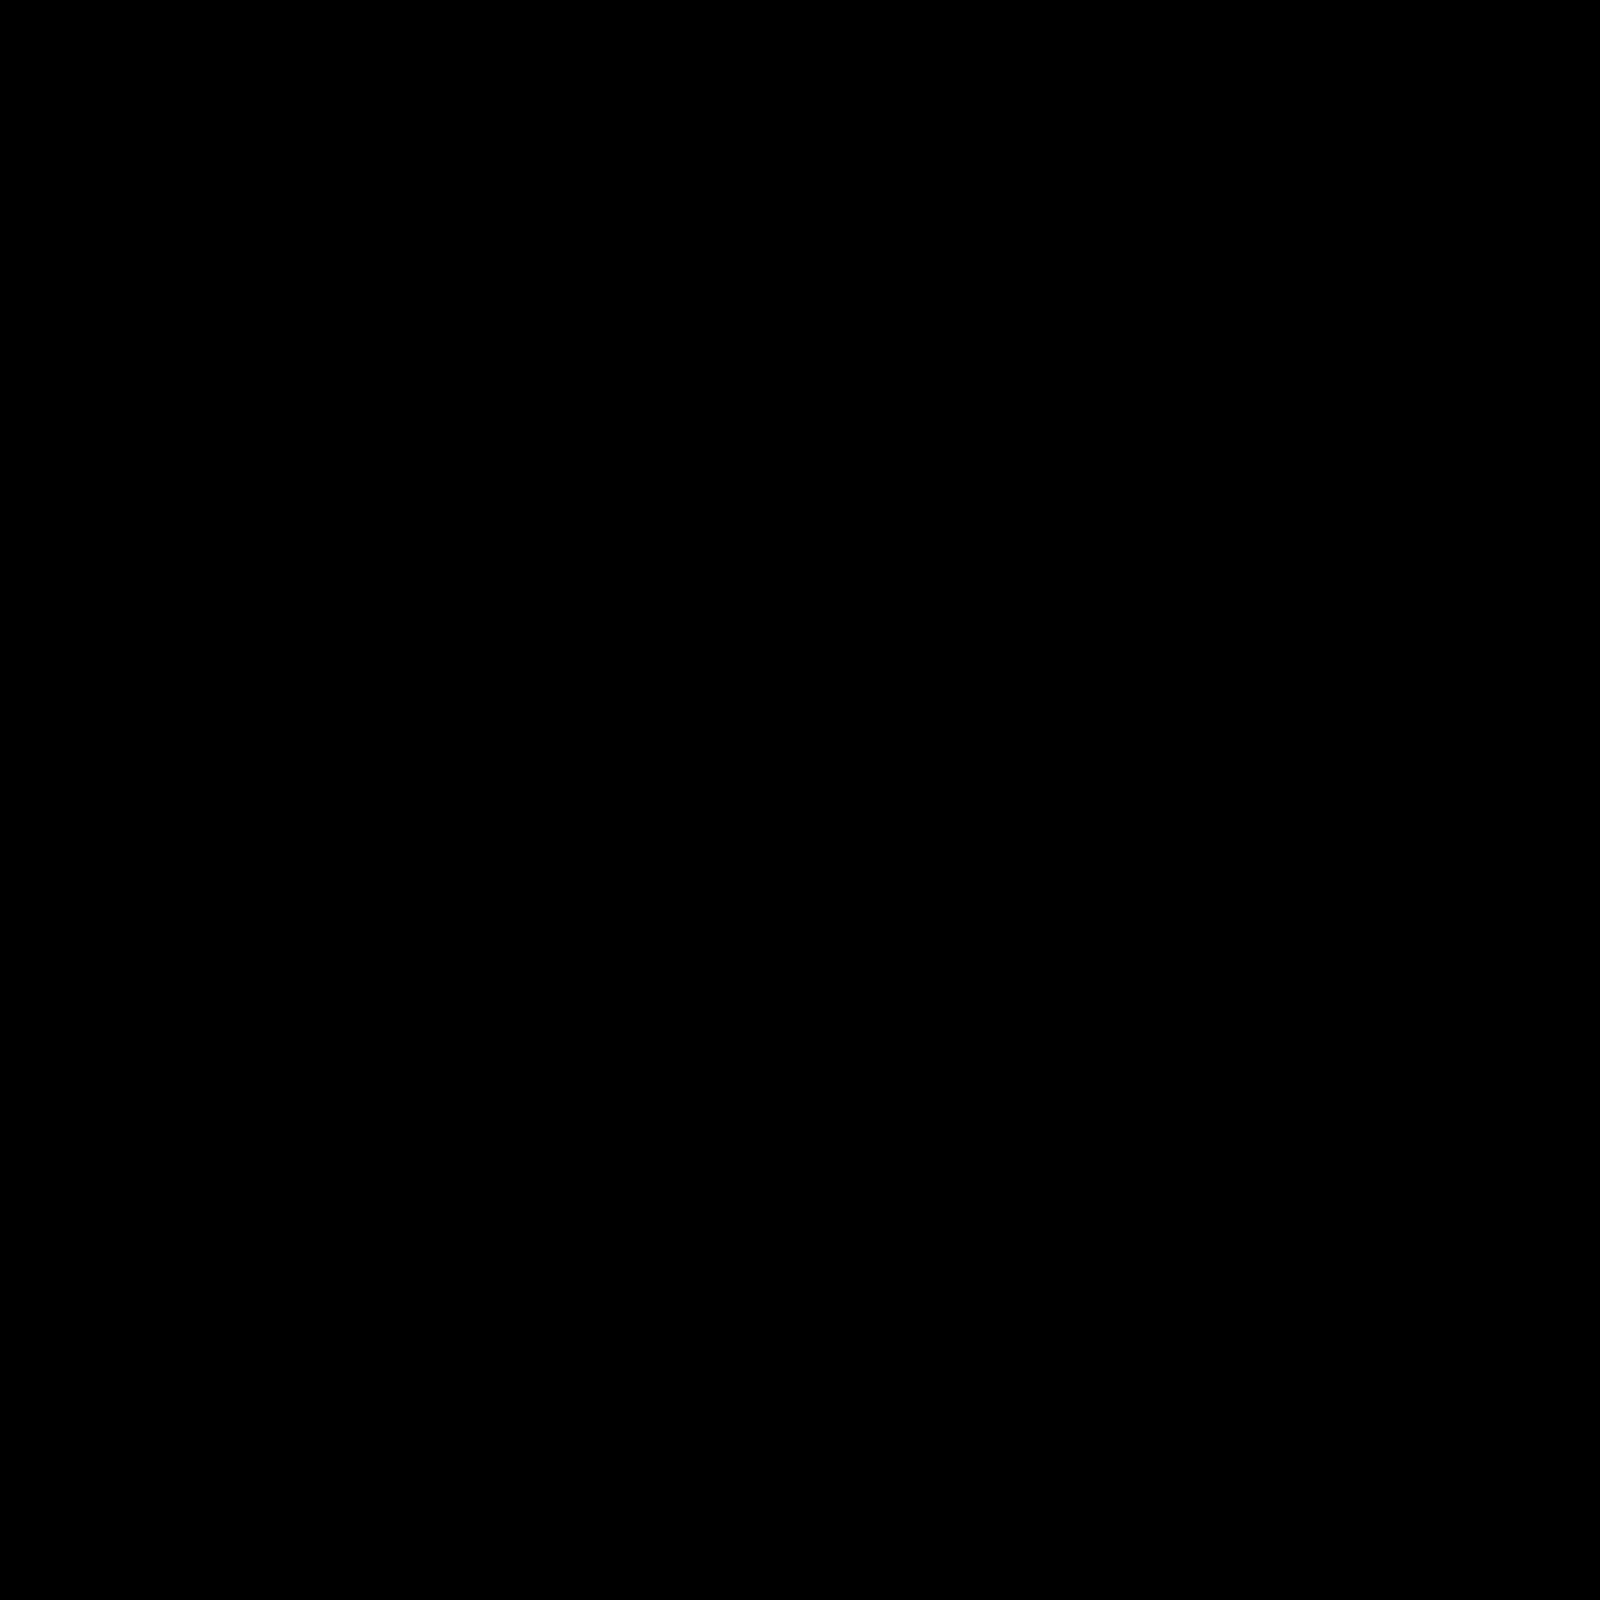 black and white stock  hammer png icon. Hamer vector blitz